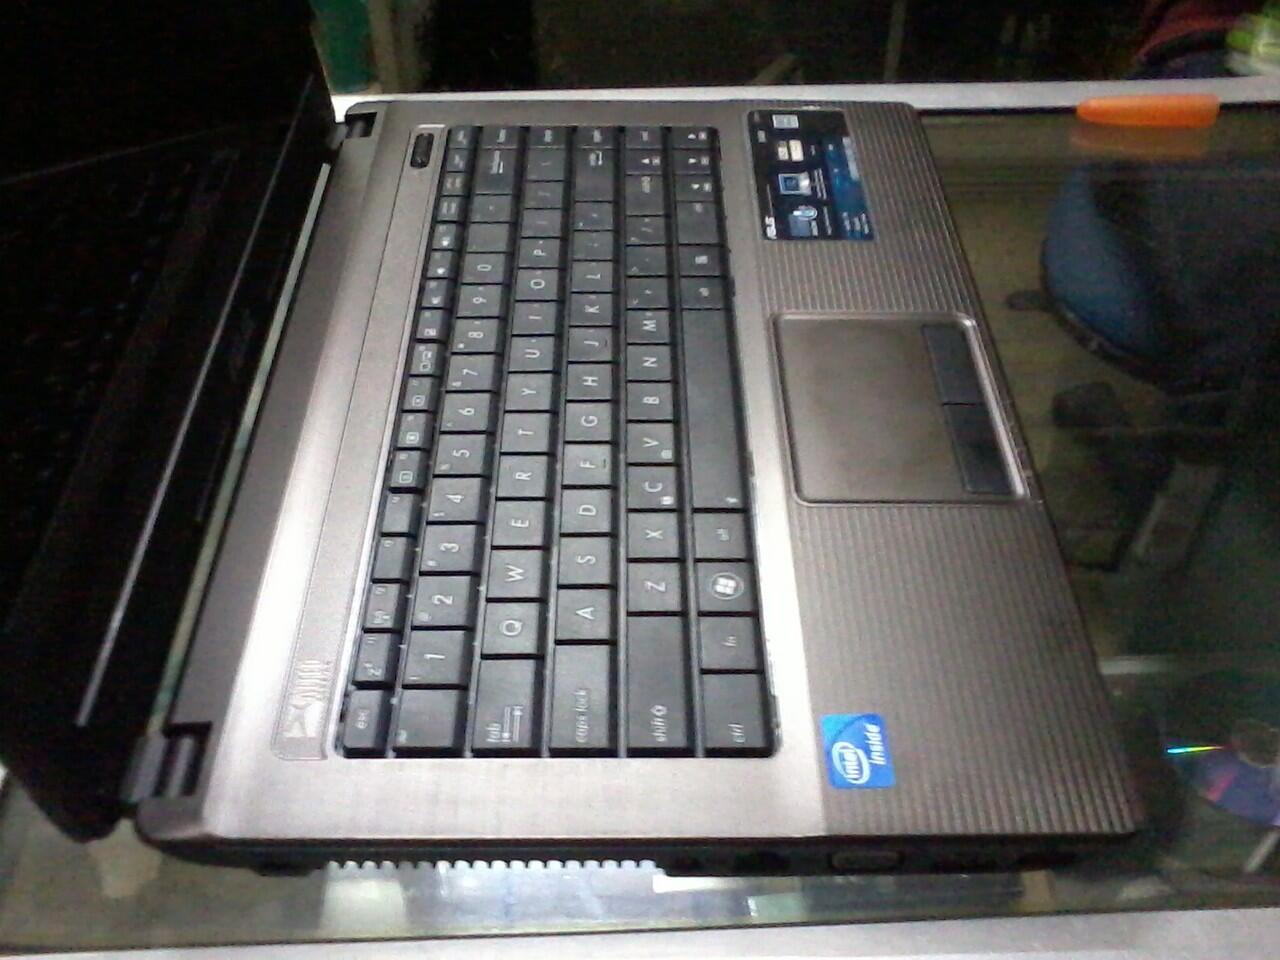 Asus Keyboard Notebook X44h Hitam Daftar Harga Terlengkap Laptop X44 X44c X43 X43s X44a Series Cek A43e Lengkap Bandingkan Source Super Gaming